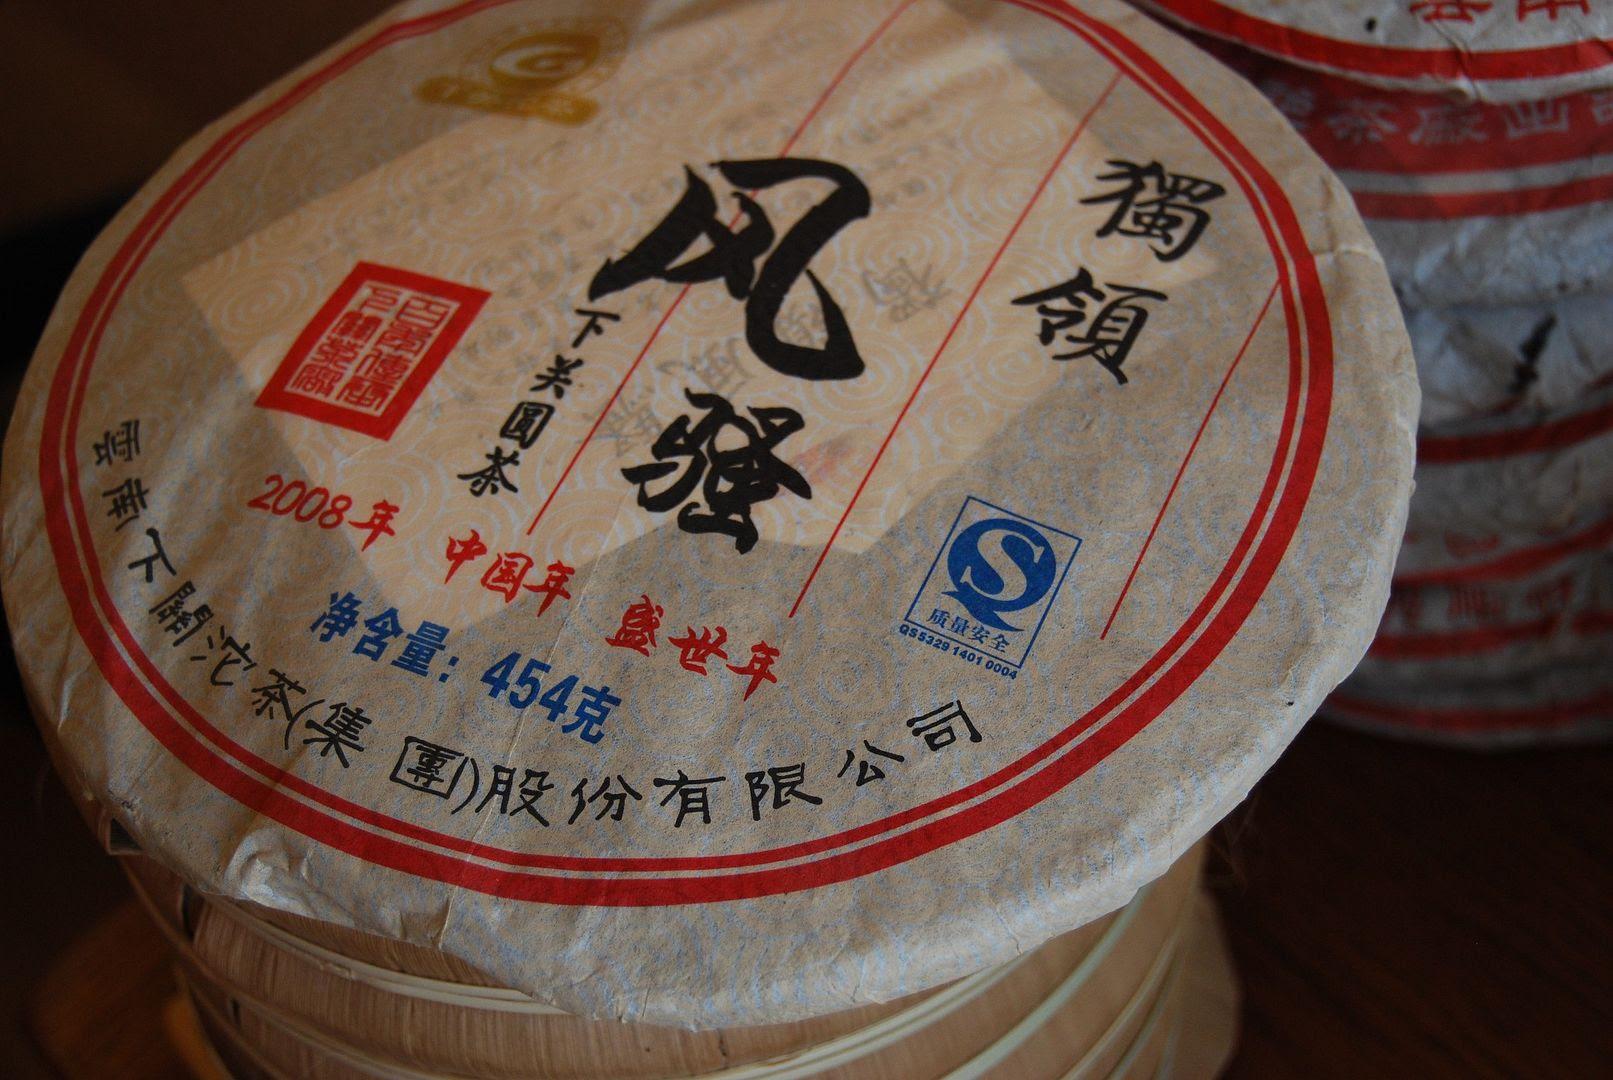 2008 Xiaguan Duling Fengsao